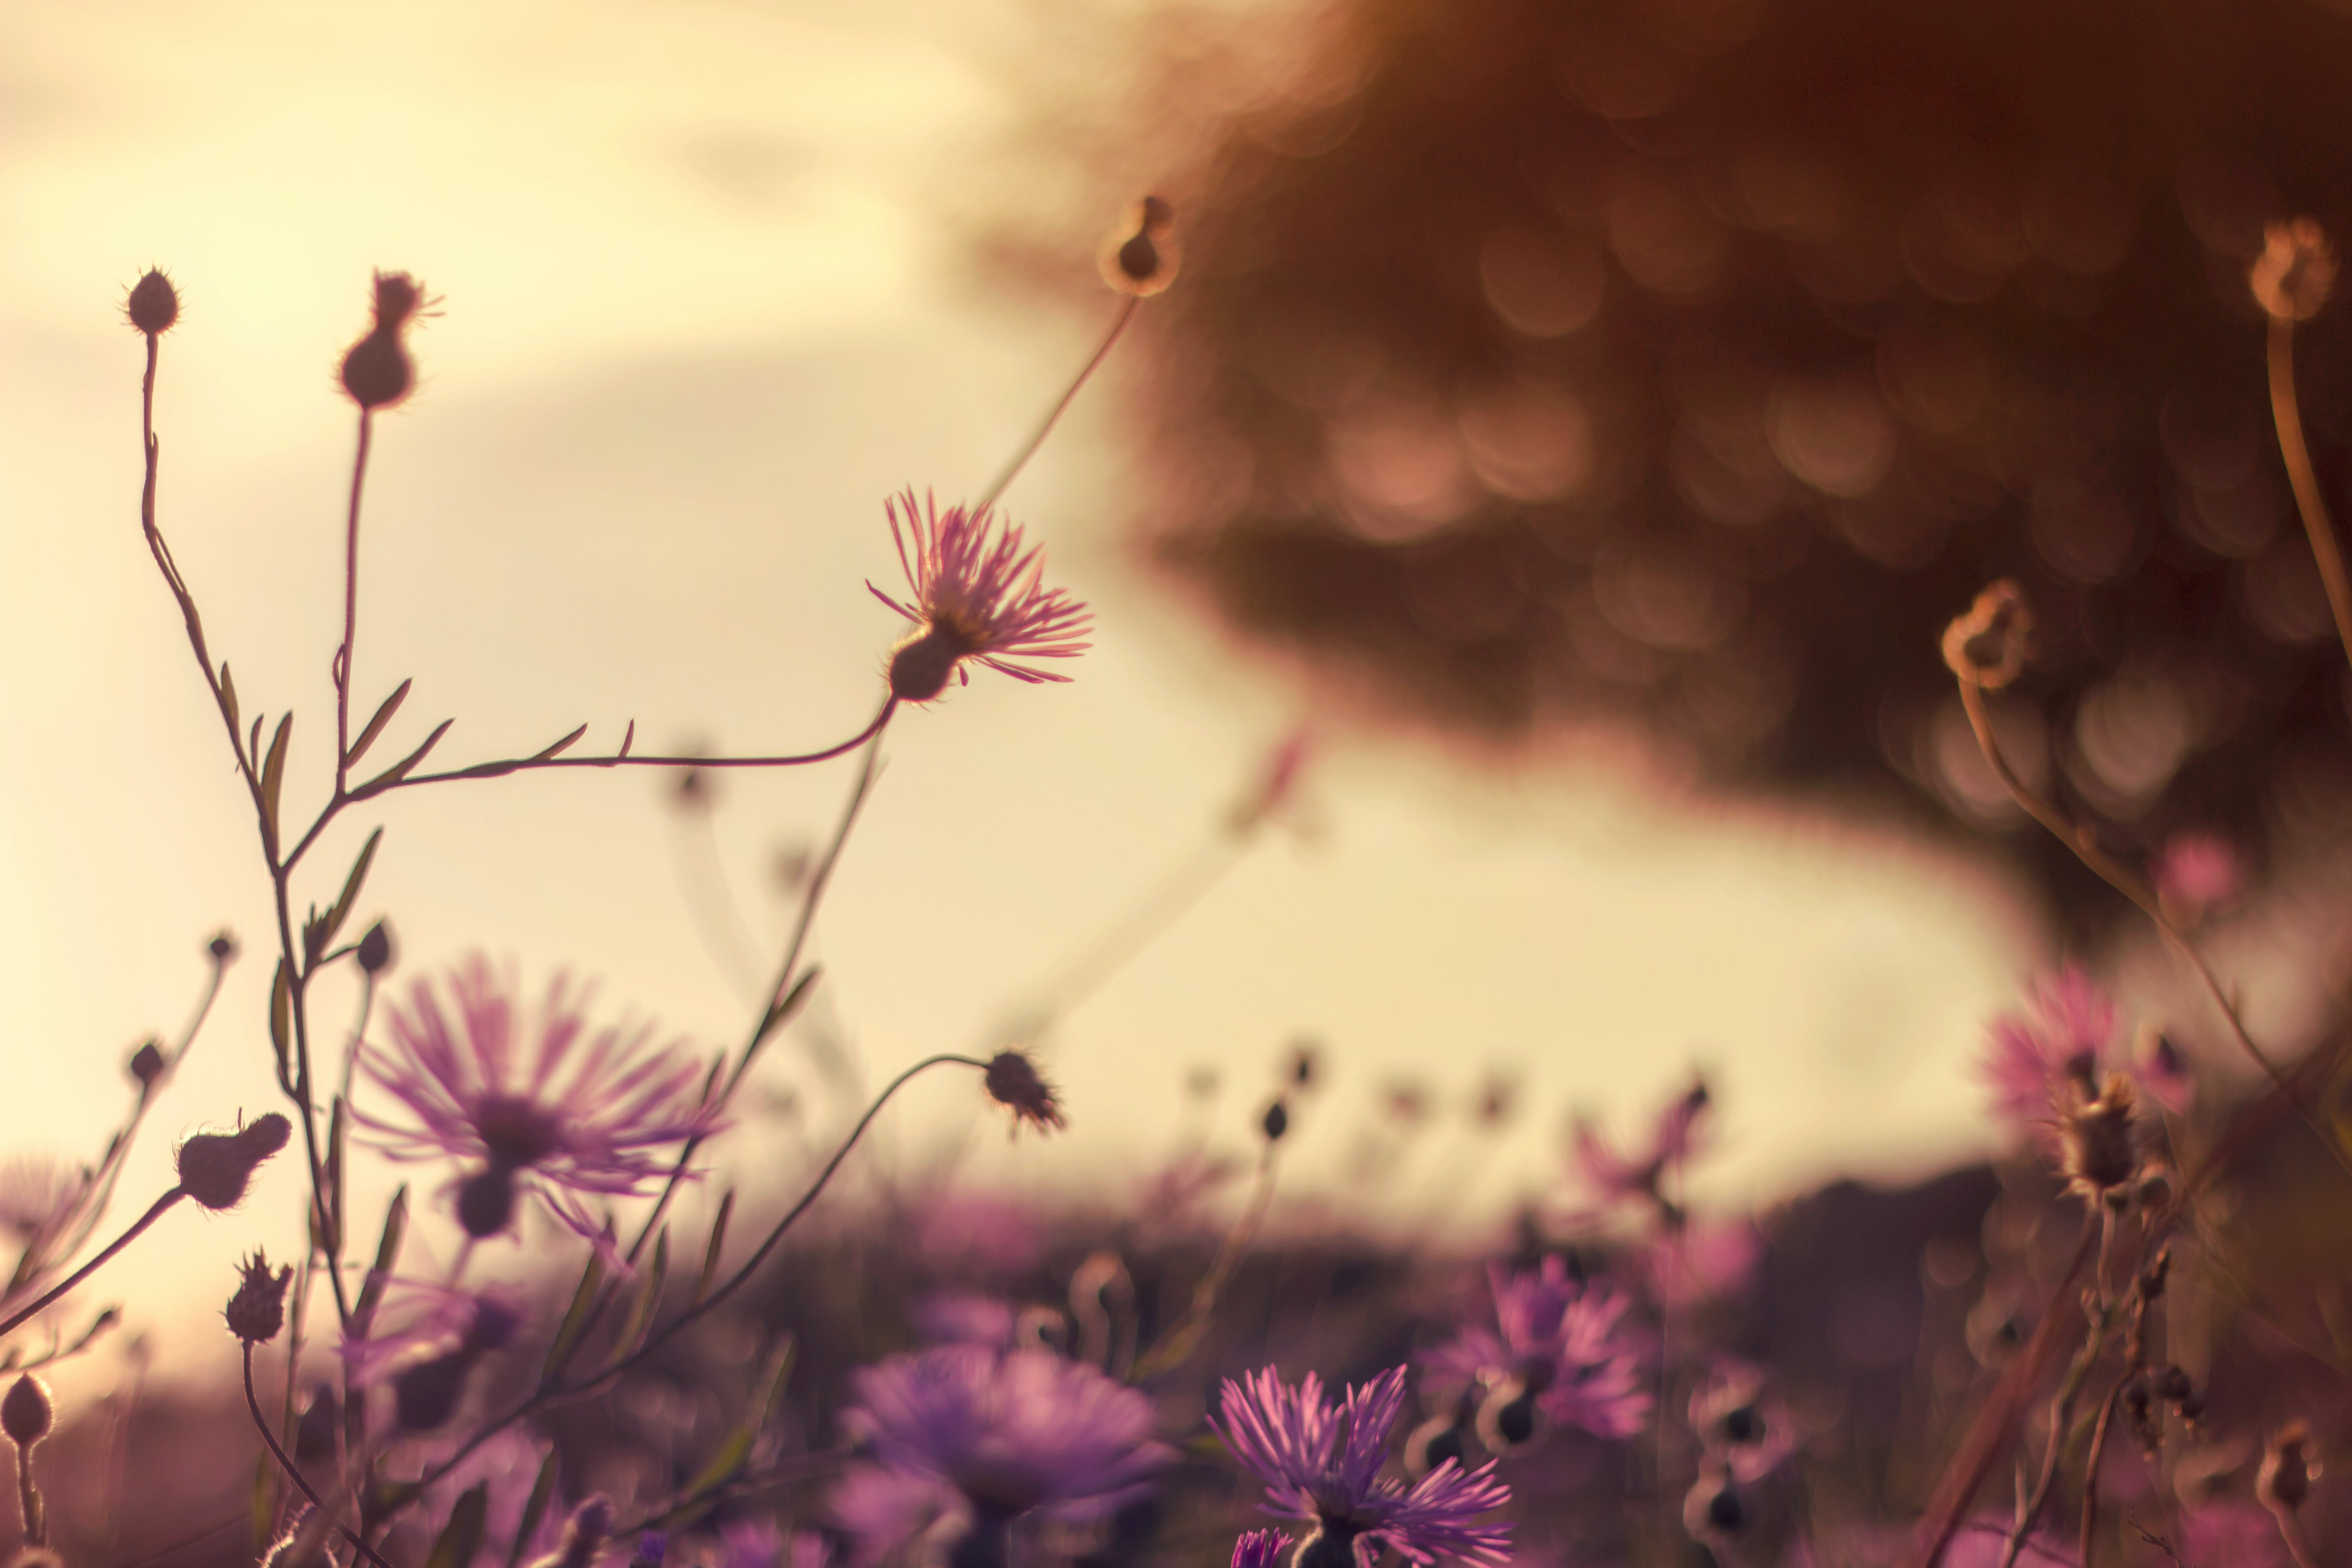 꽃, 꽃봉오리, 꽃이 피는, 꽃잎의 무료 스톡 사진